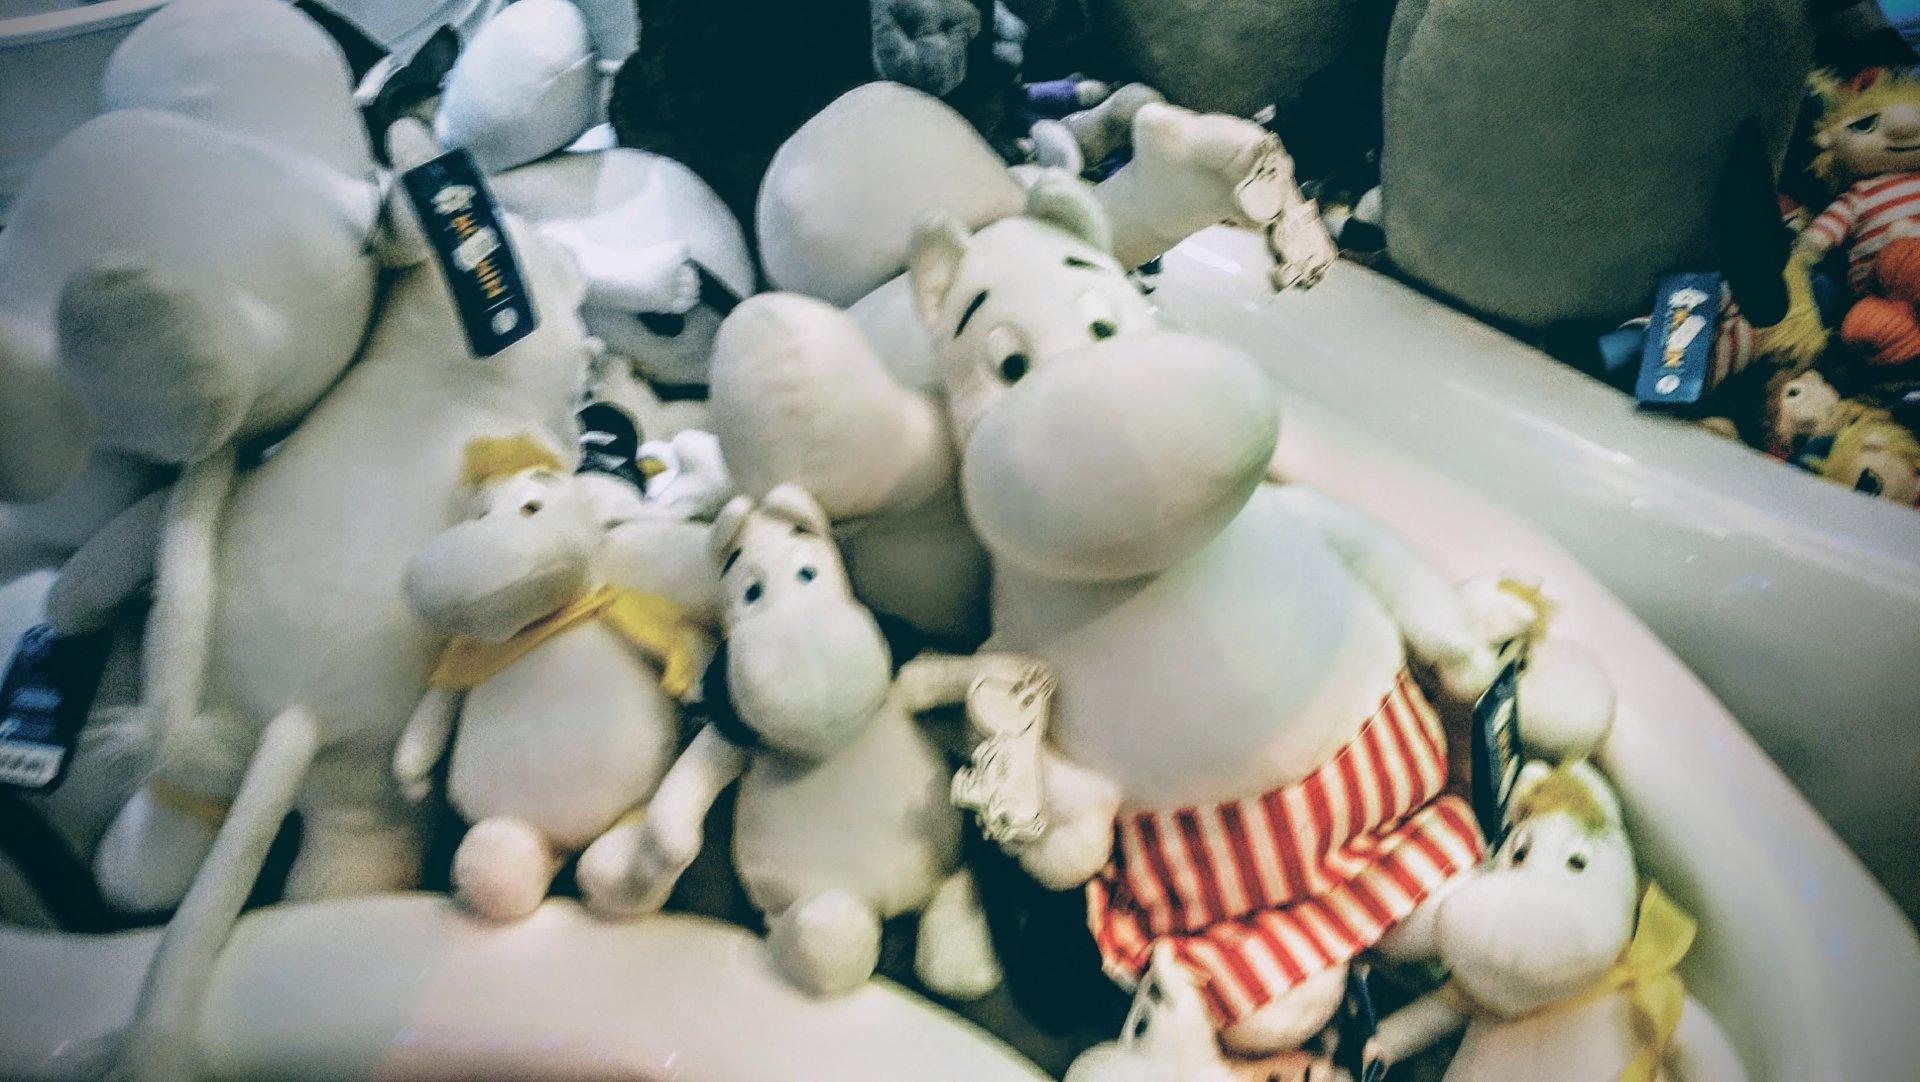 ムーミンショップ内の人形